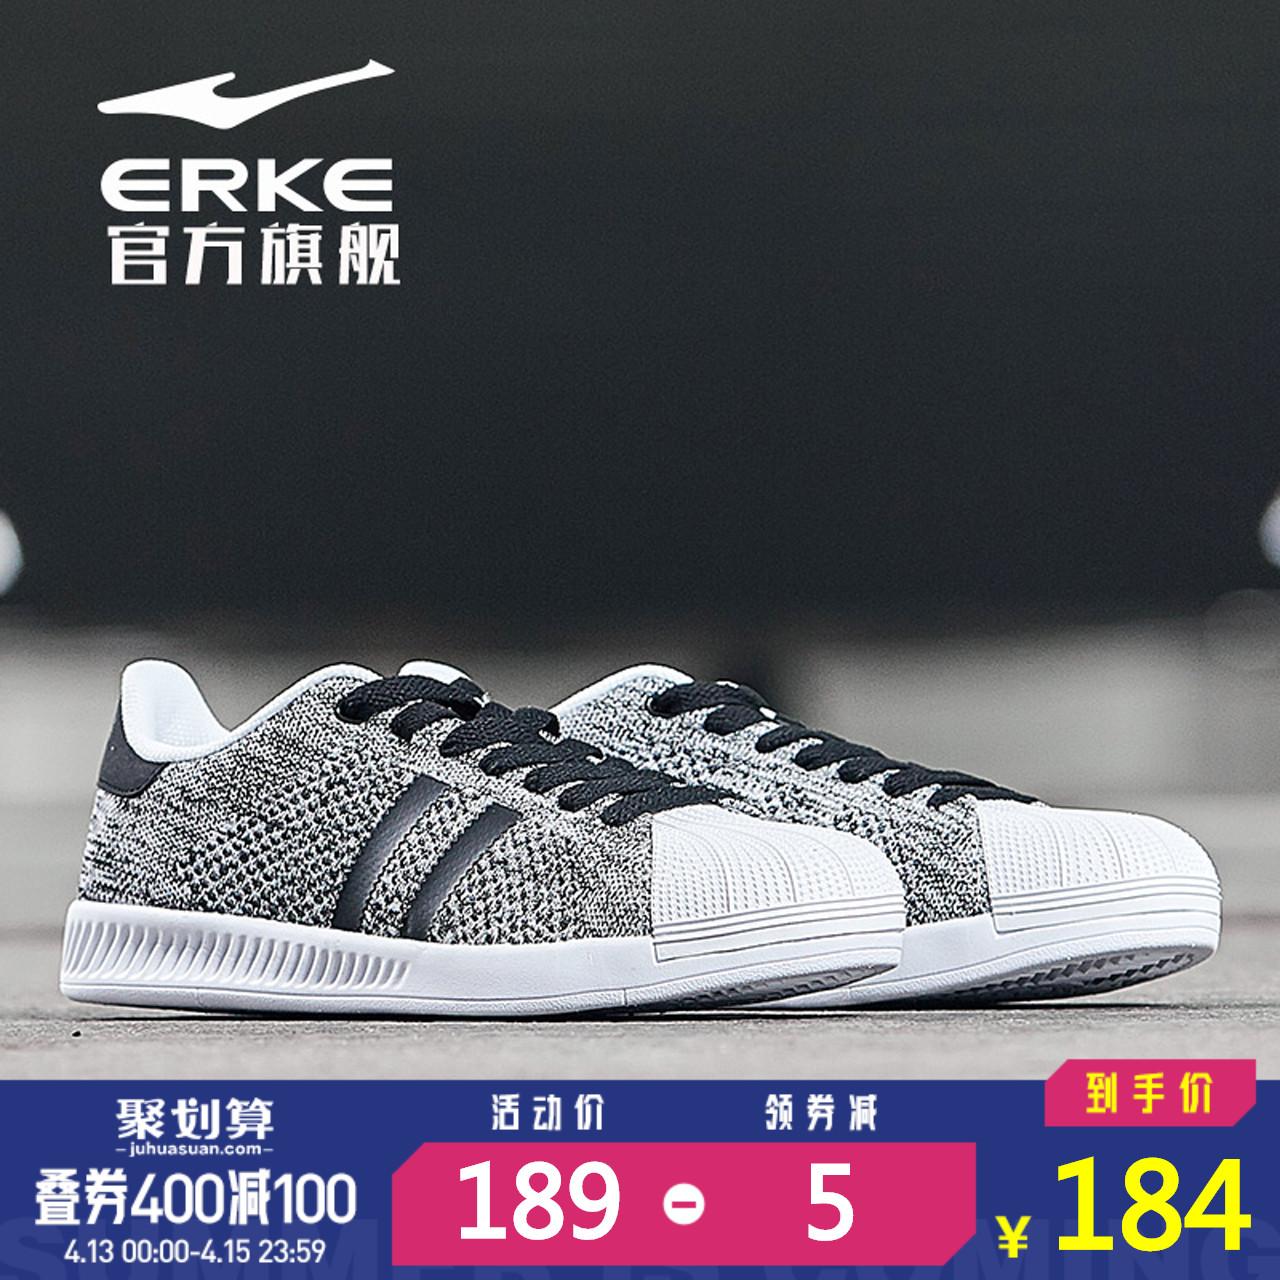 鸿星尔克板鞋男夏季透气网面复古休闲鞋贝壳头板鞋鞋子运动鞋男鞋